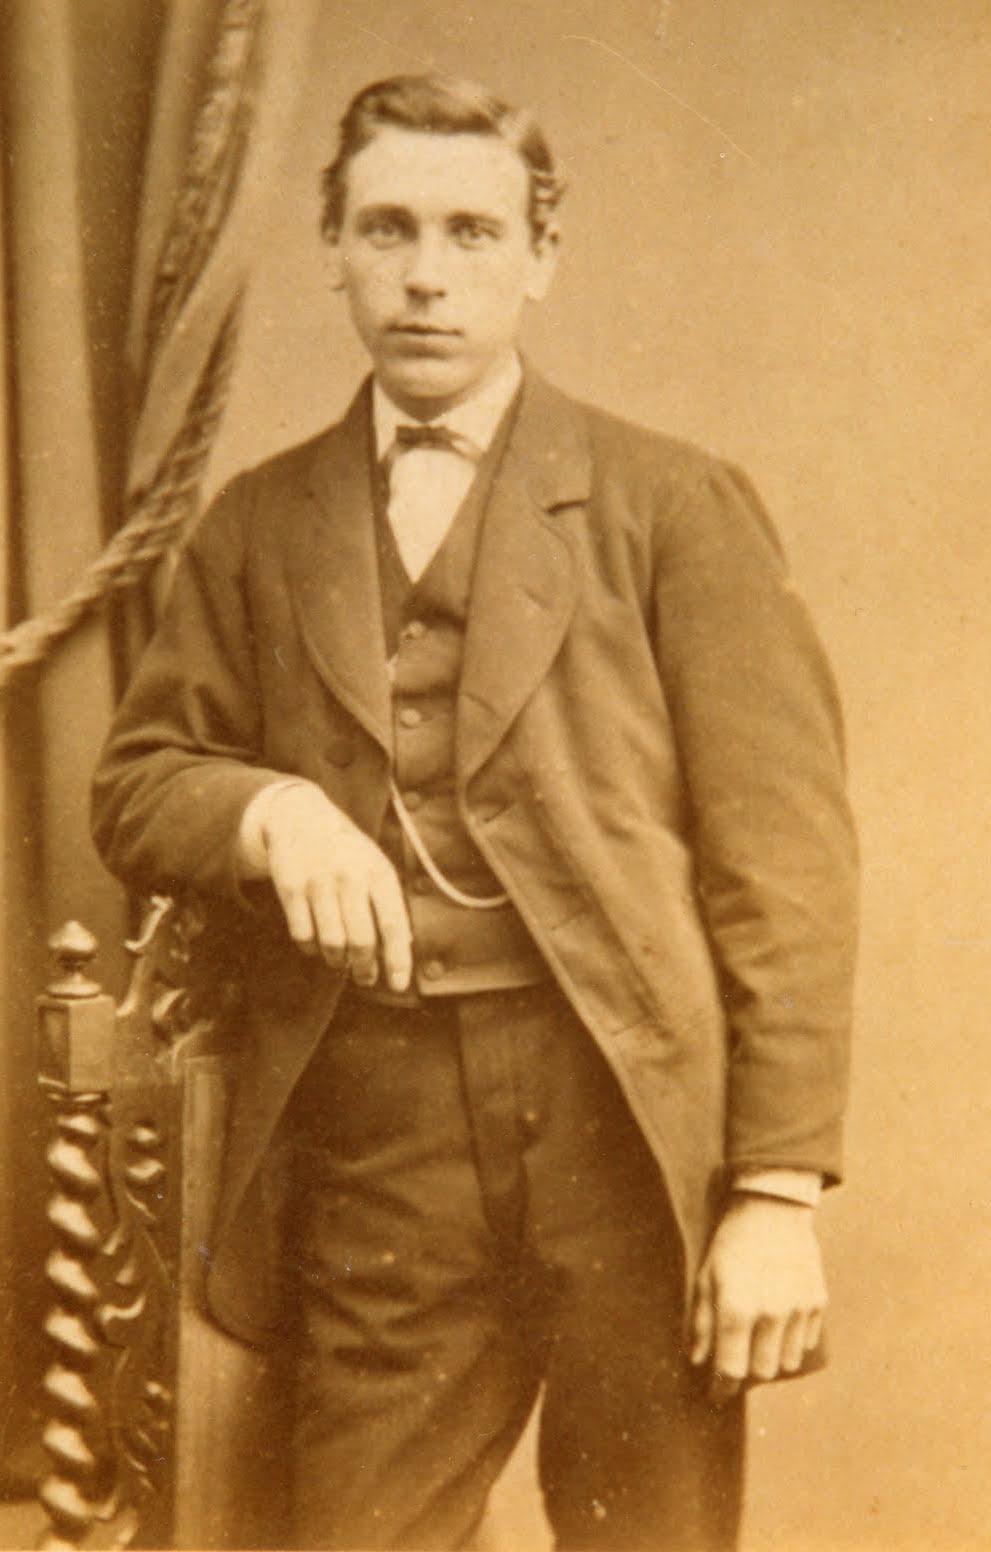 Alexander Zierleyn als jonge man